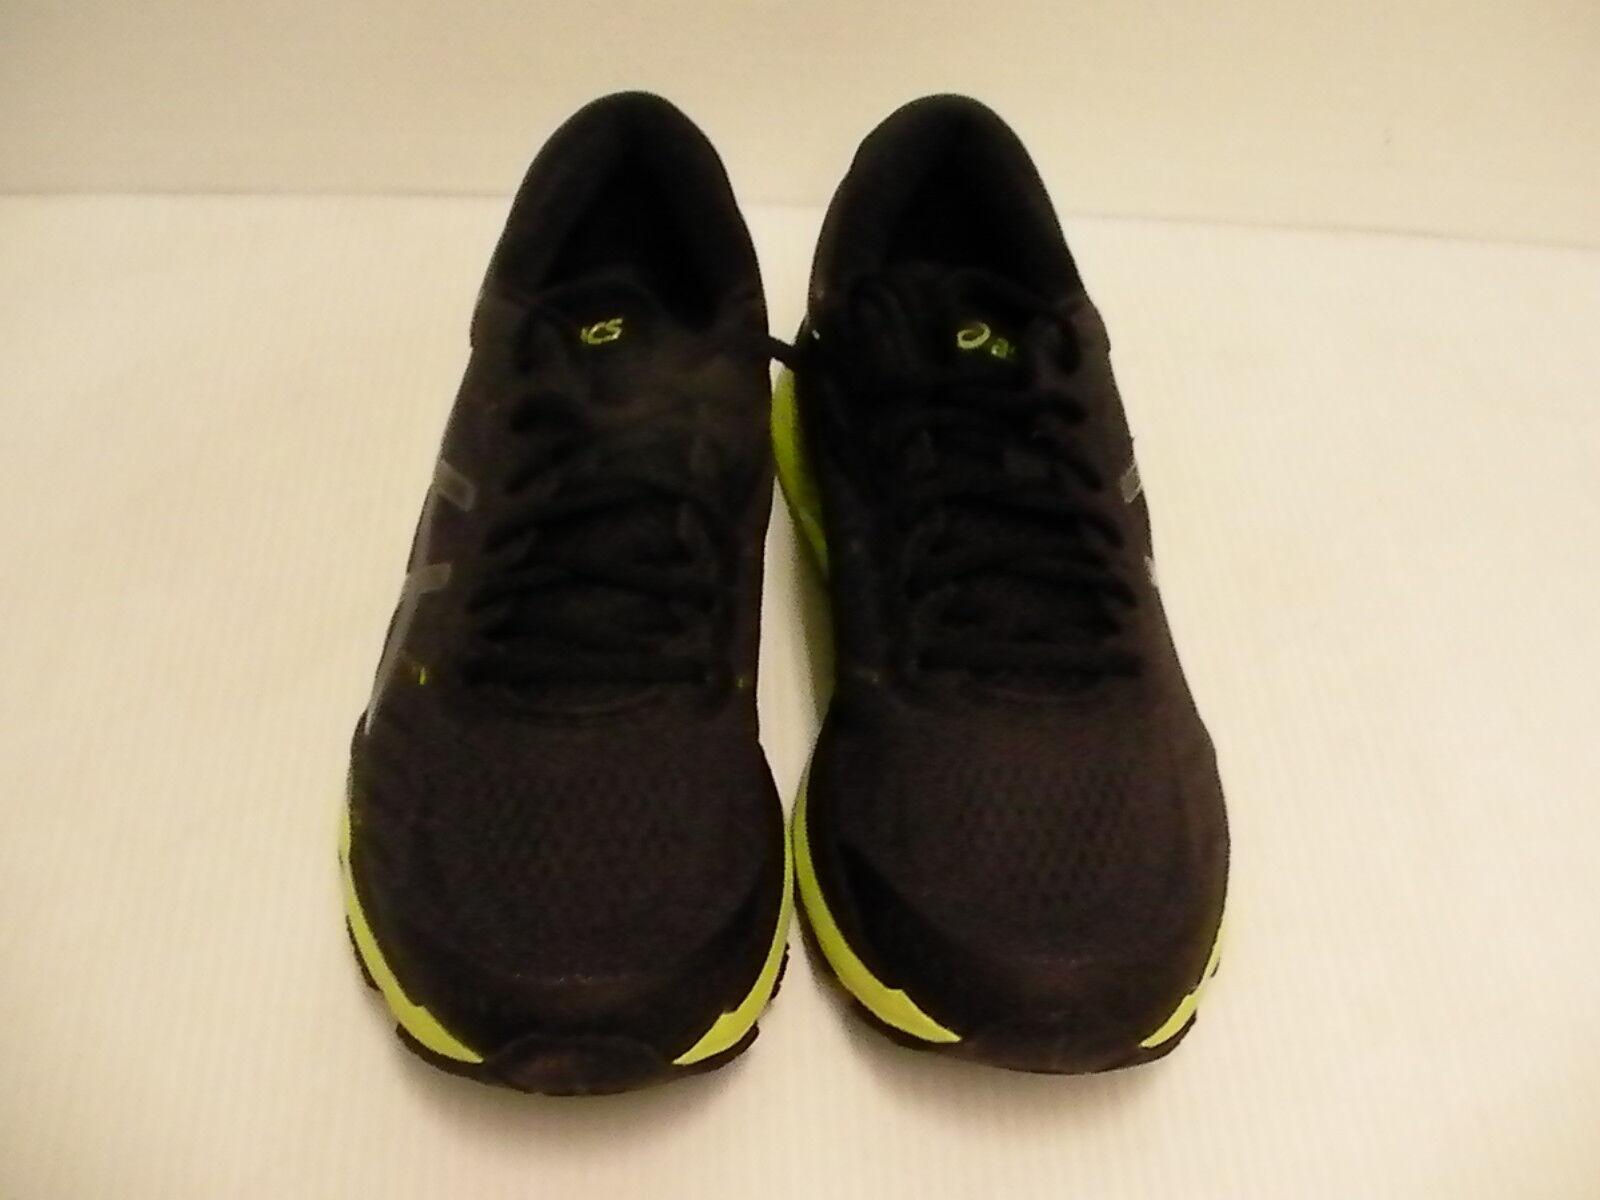 Chaussures Vert Gel Gecko Asics 24 Homme Course Us Kayano Noir Aq5xIw0g